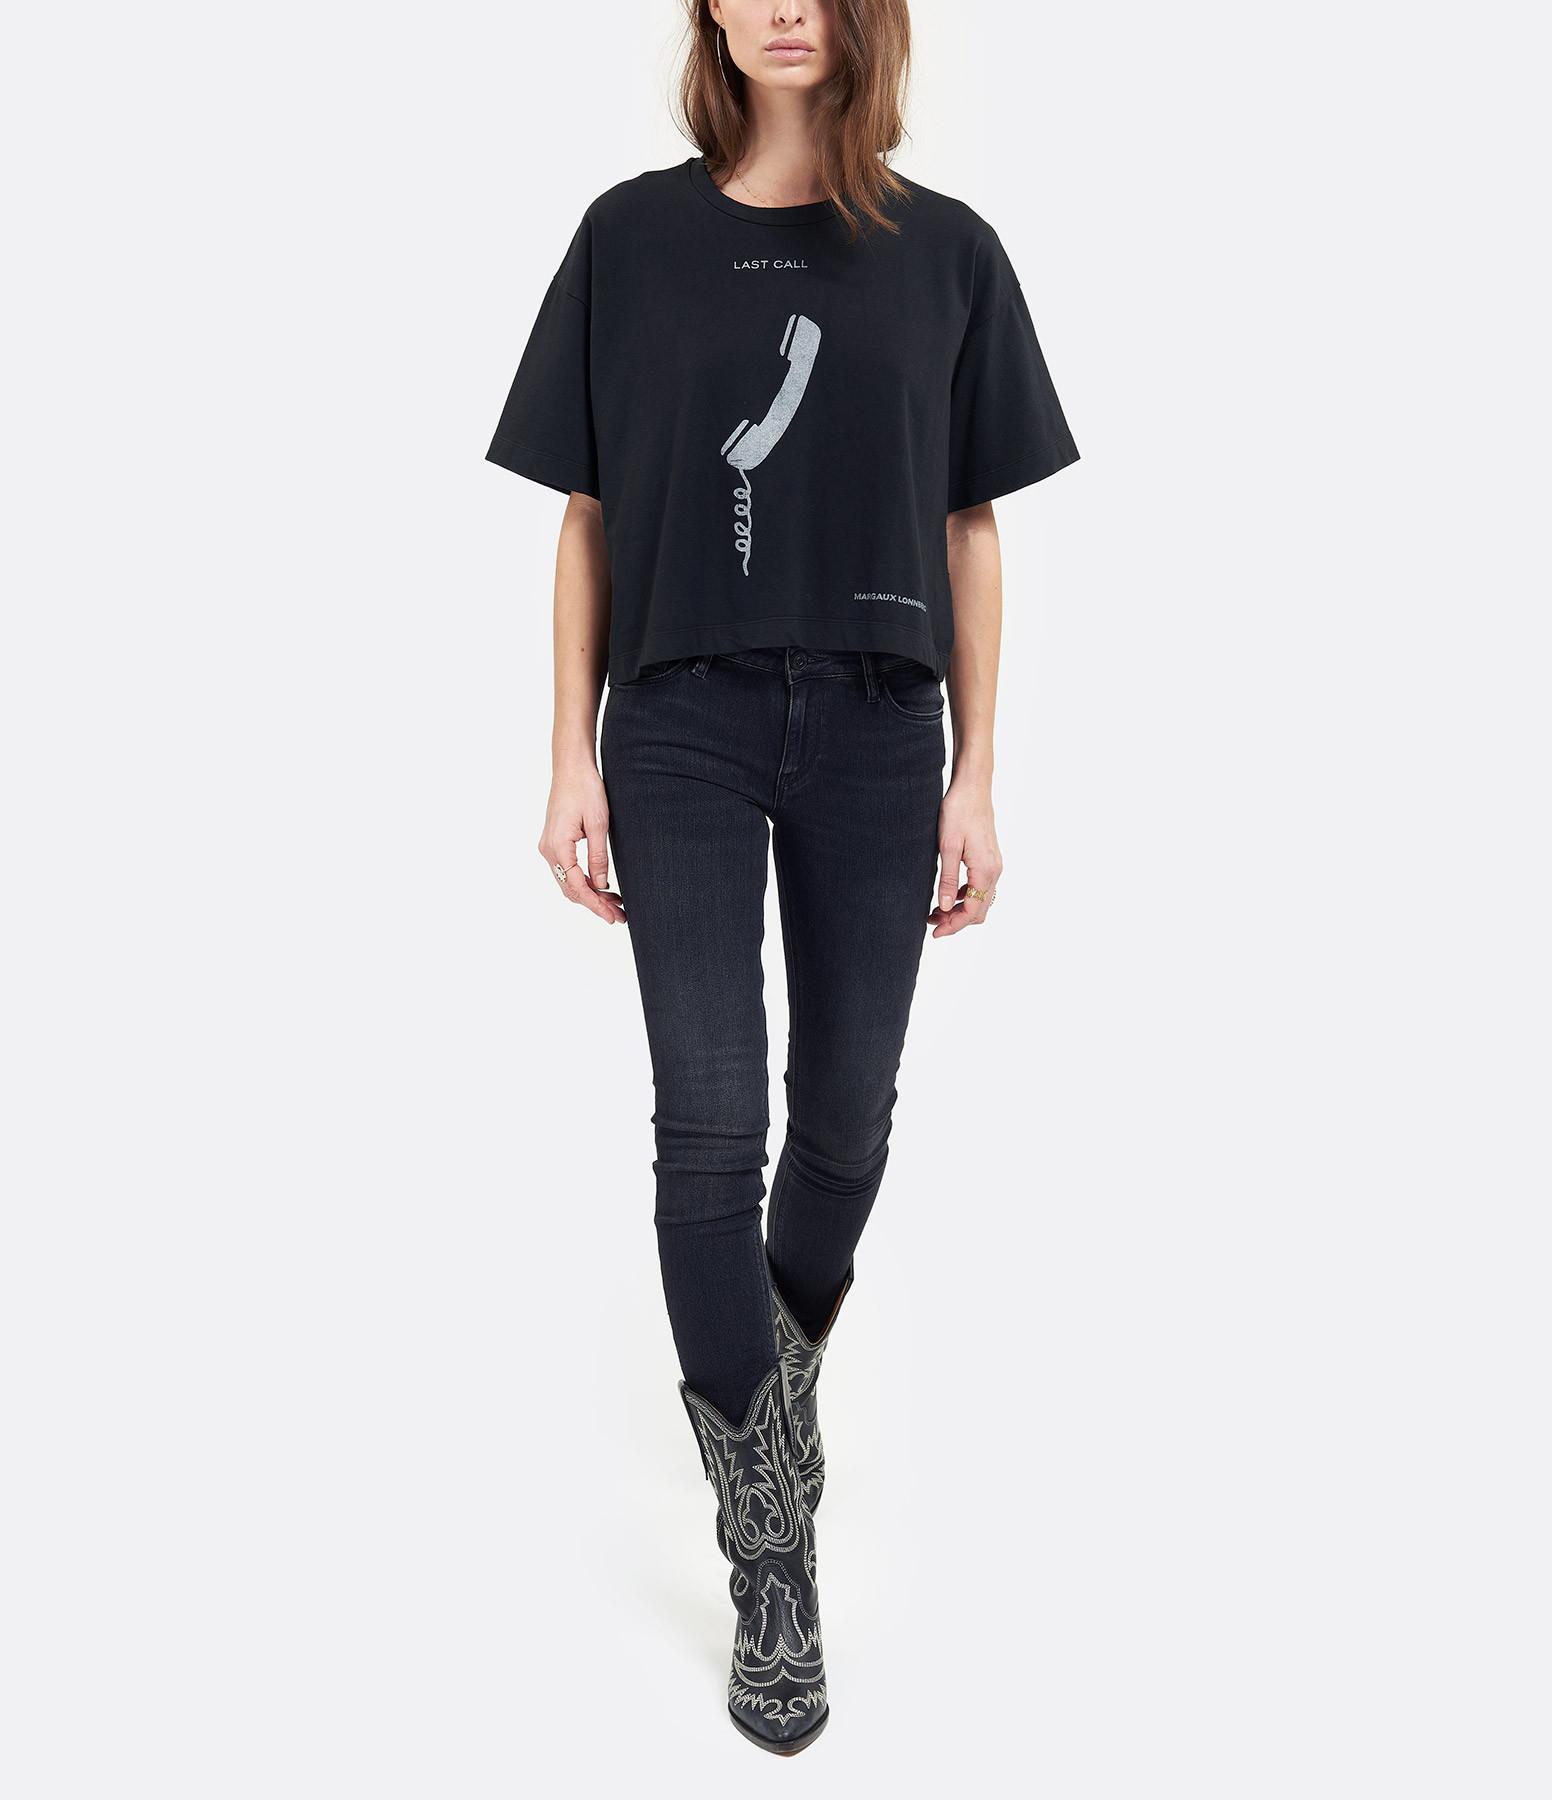 MARGAUX LONNBERG - Tee-shirt Brisa Last Call Imprimé Noir Délavé